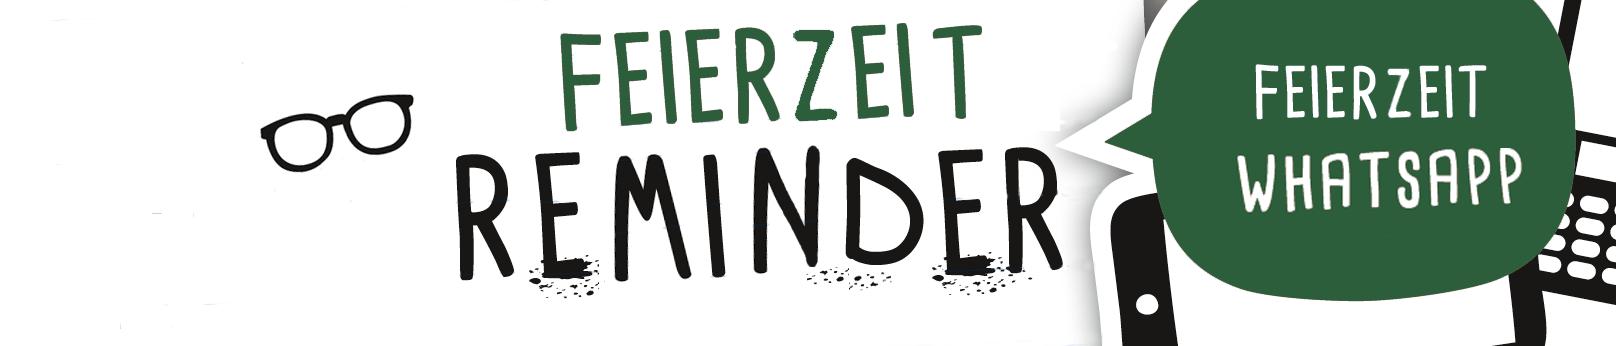 b_Feierzeit-Reminder_schmal-grün-ohne